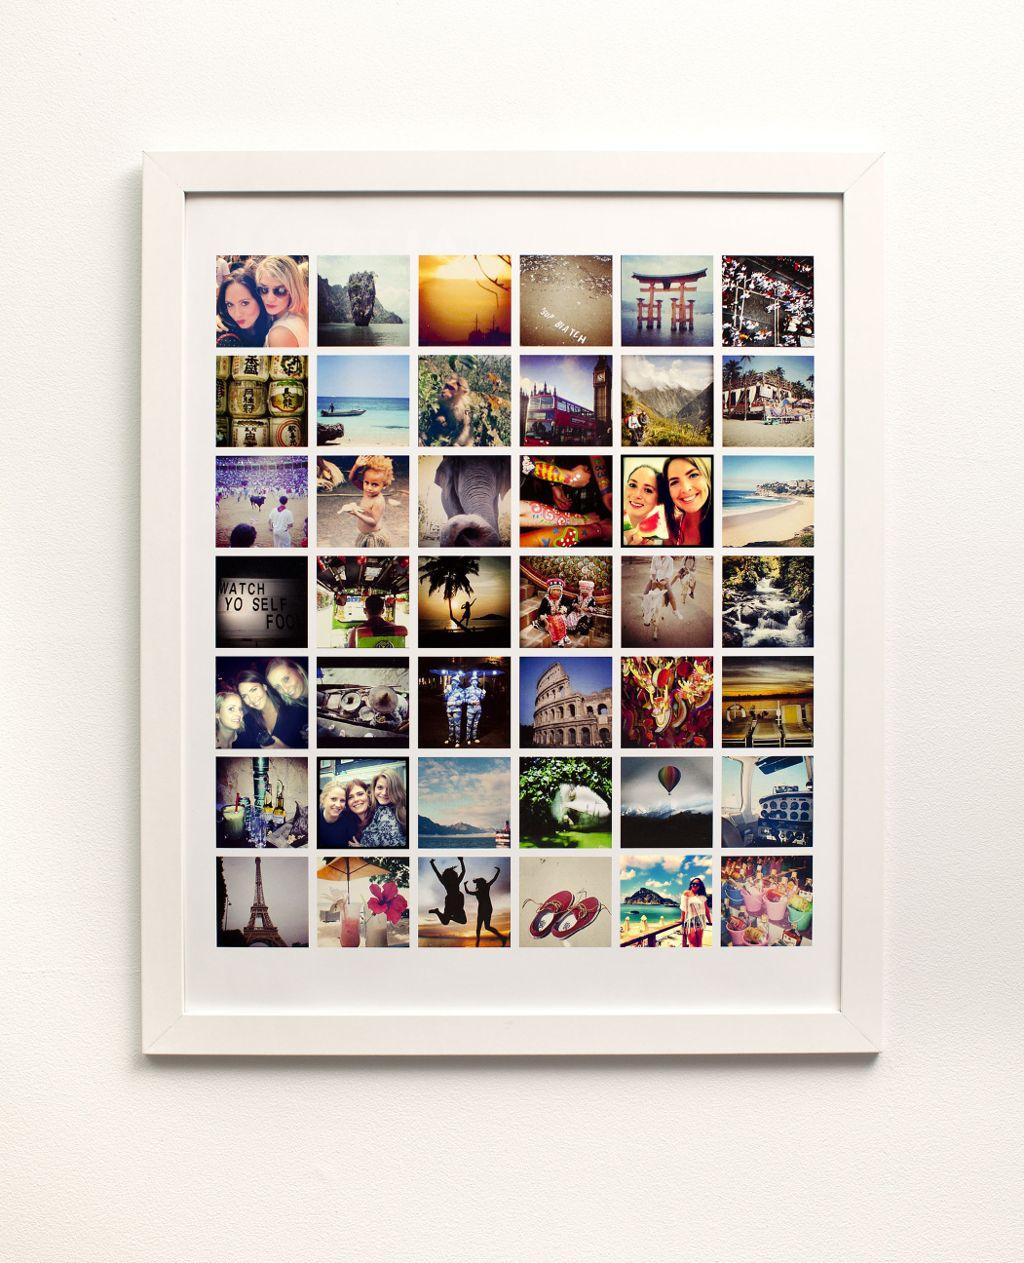 несмотря как сделать панно из фотографий в инстаграме марки французских